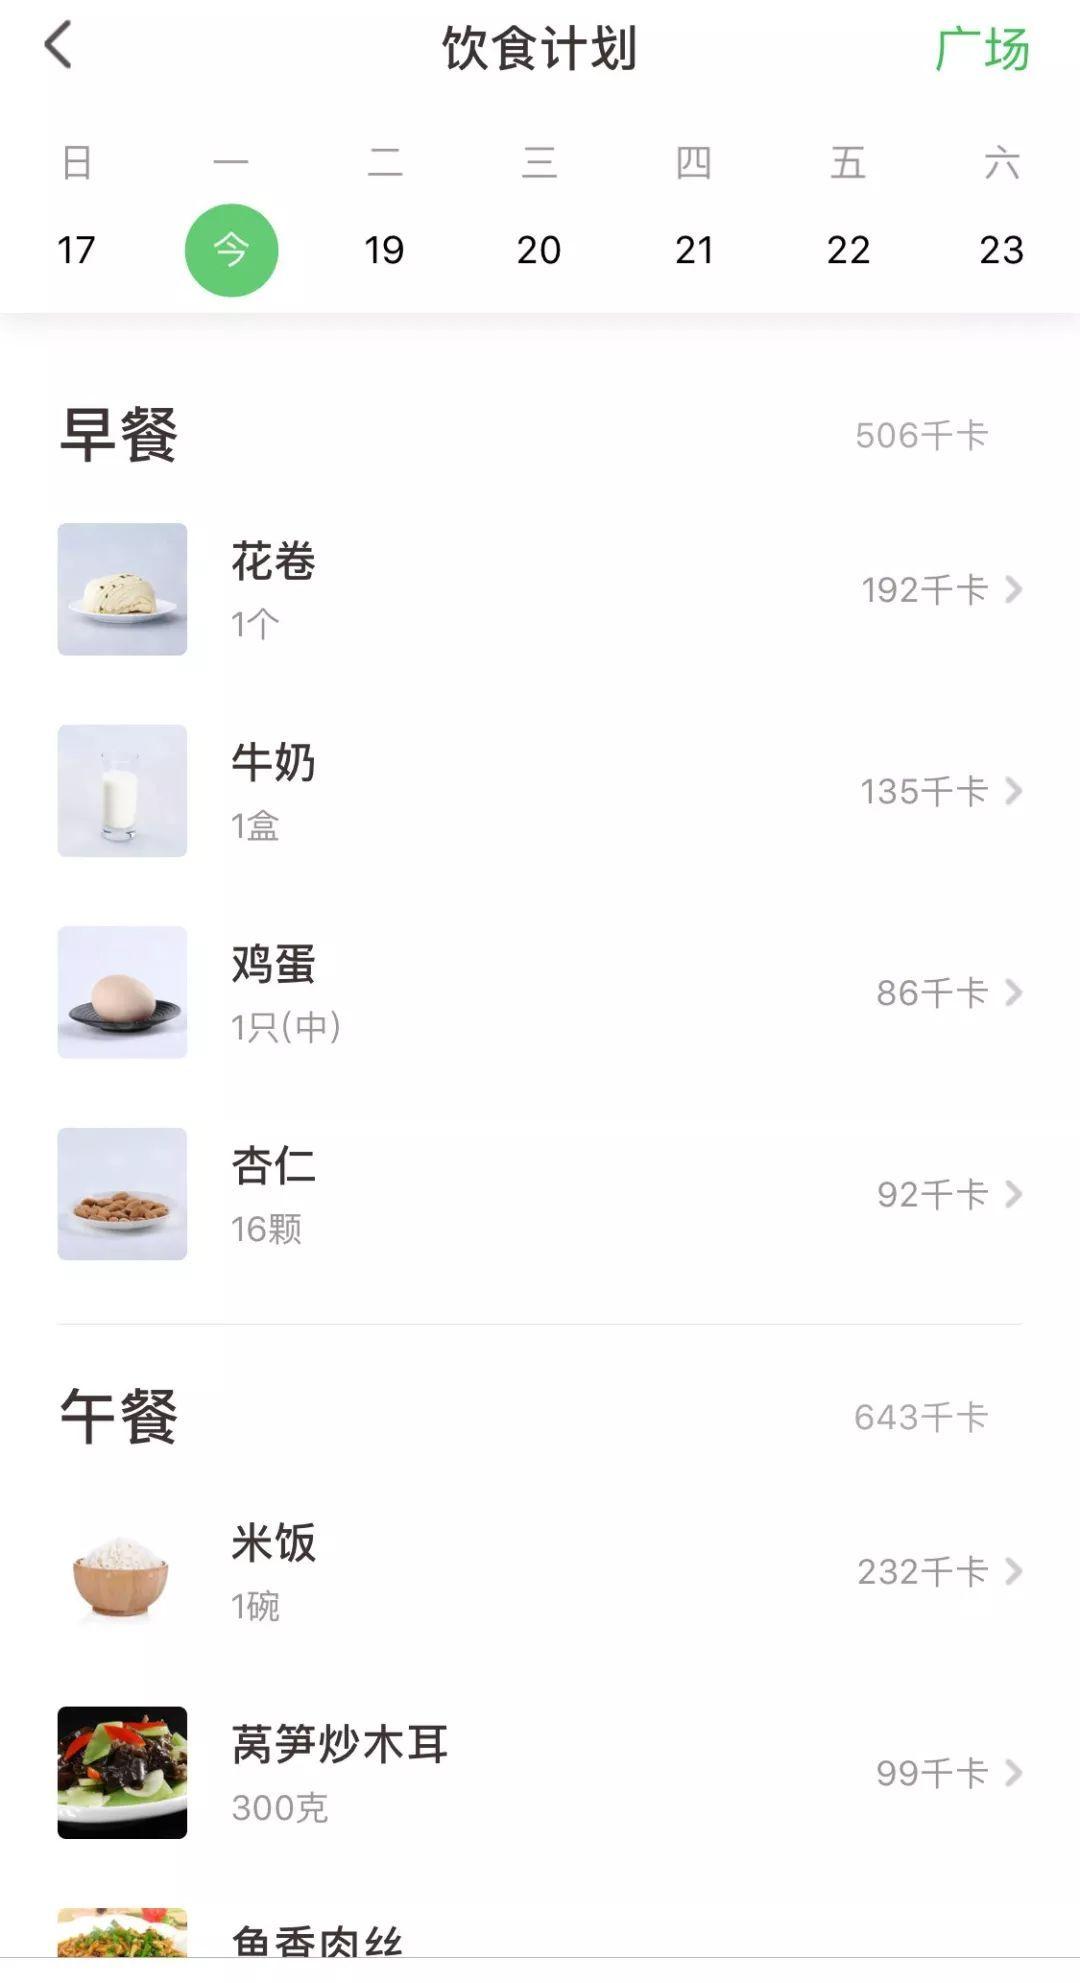 2019年减肥达人排行榜_减肥达人训练营2019年官方简介